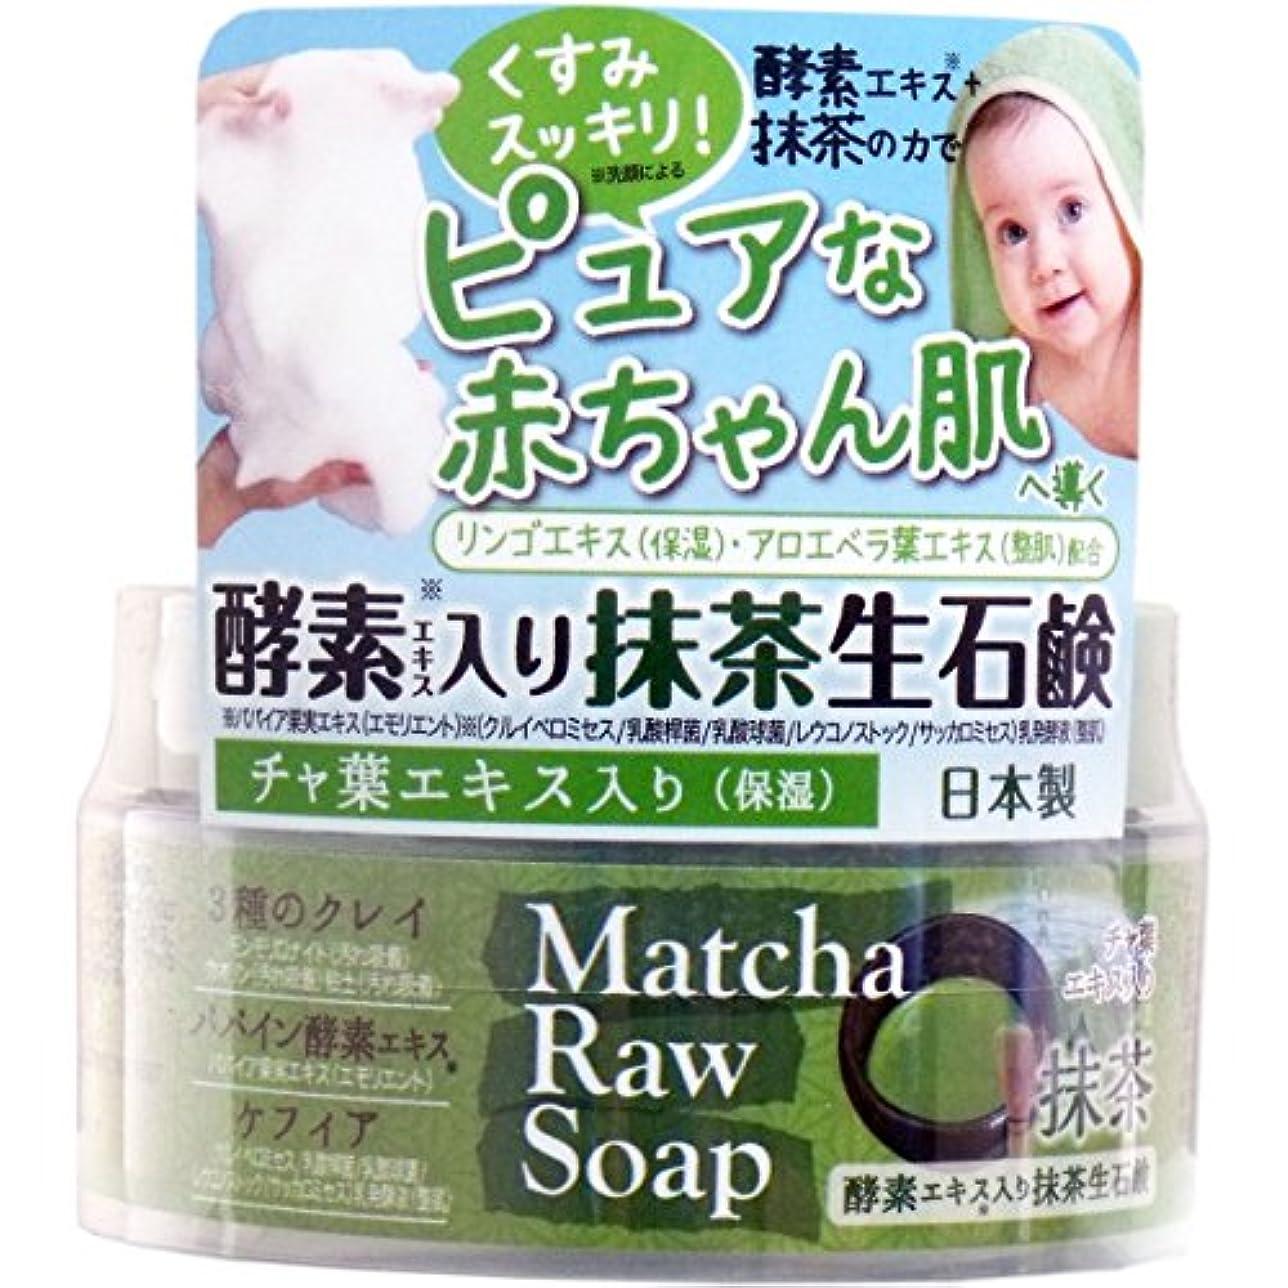 グロー瀬戸際メンター酵素エキス入り抹茶生石鹸